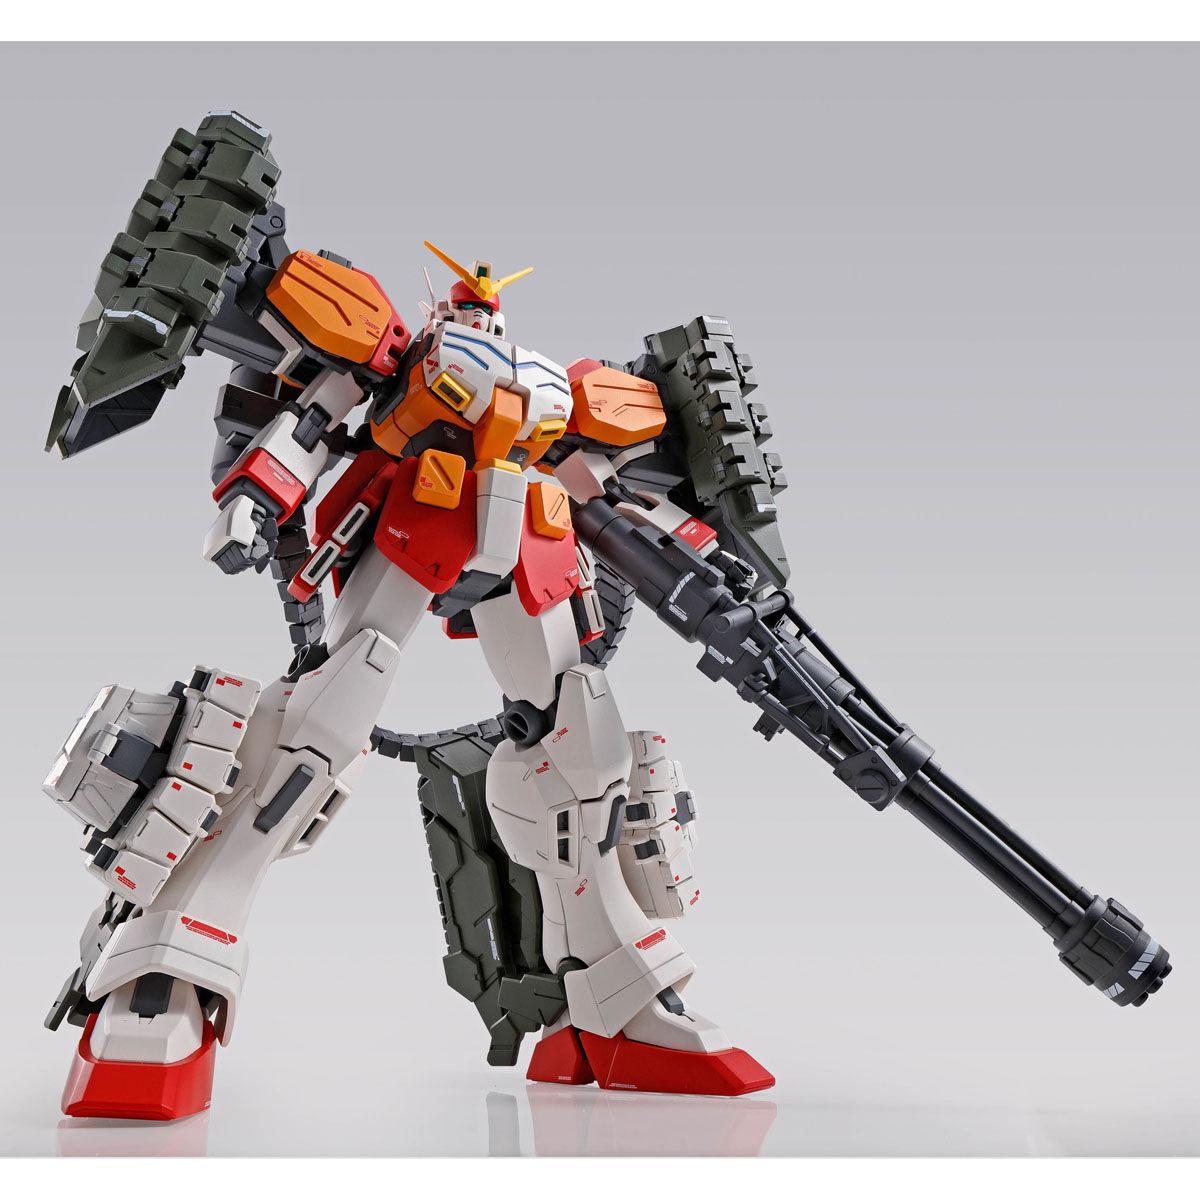 【限定販売】MG 1/100『ガンダムヘビーアームズ EW(イーゲル装備)』ガンダムW プラモデル-004